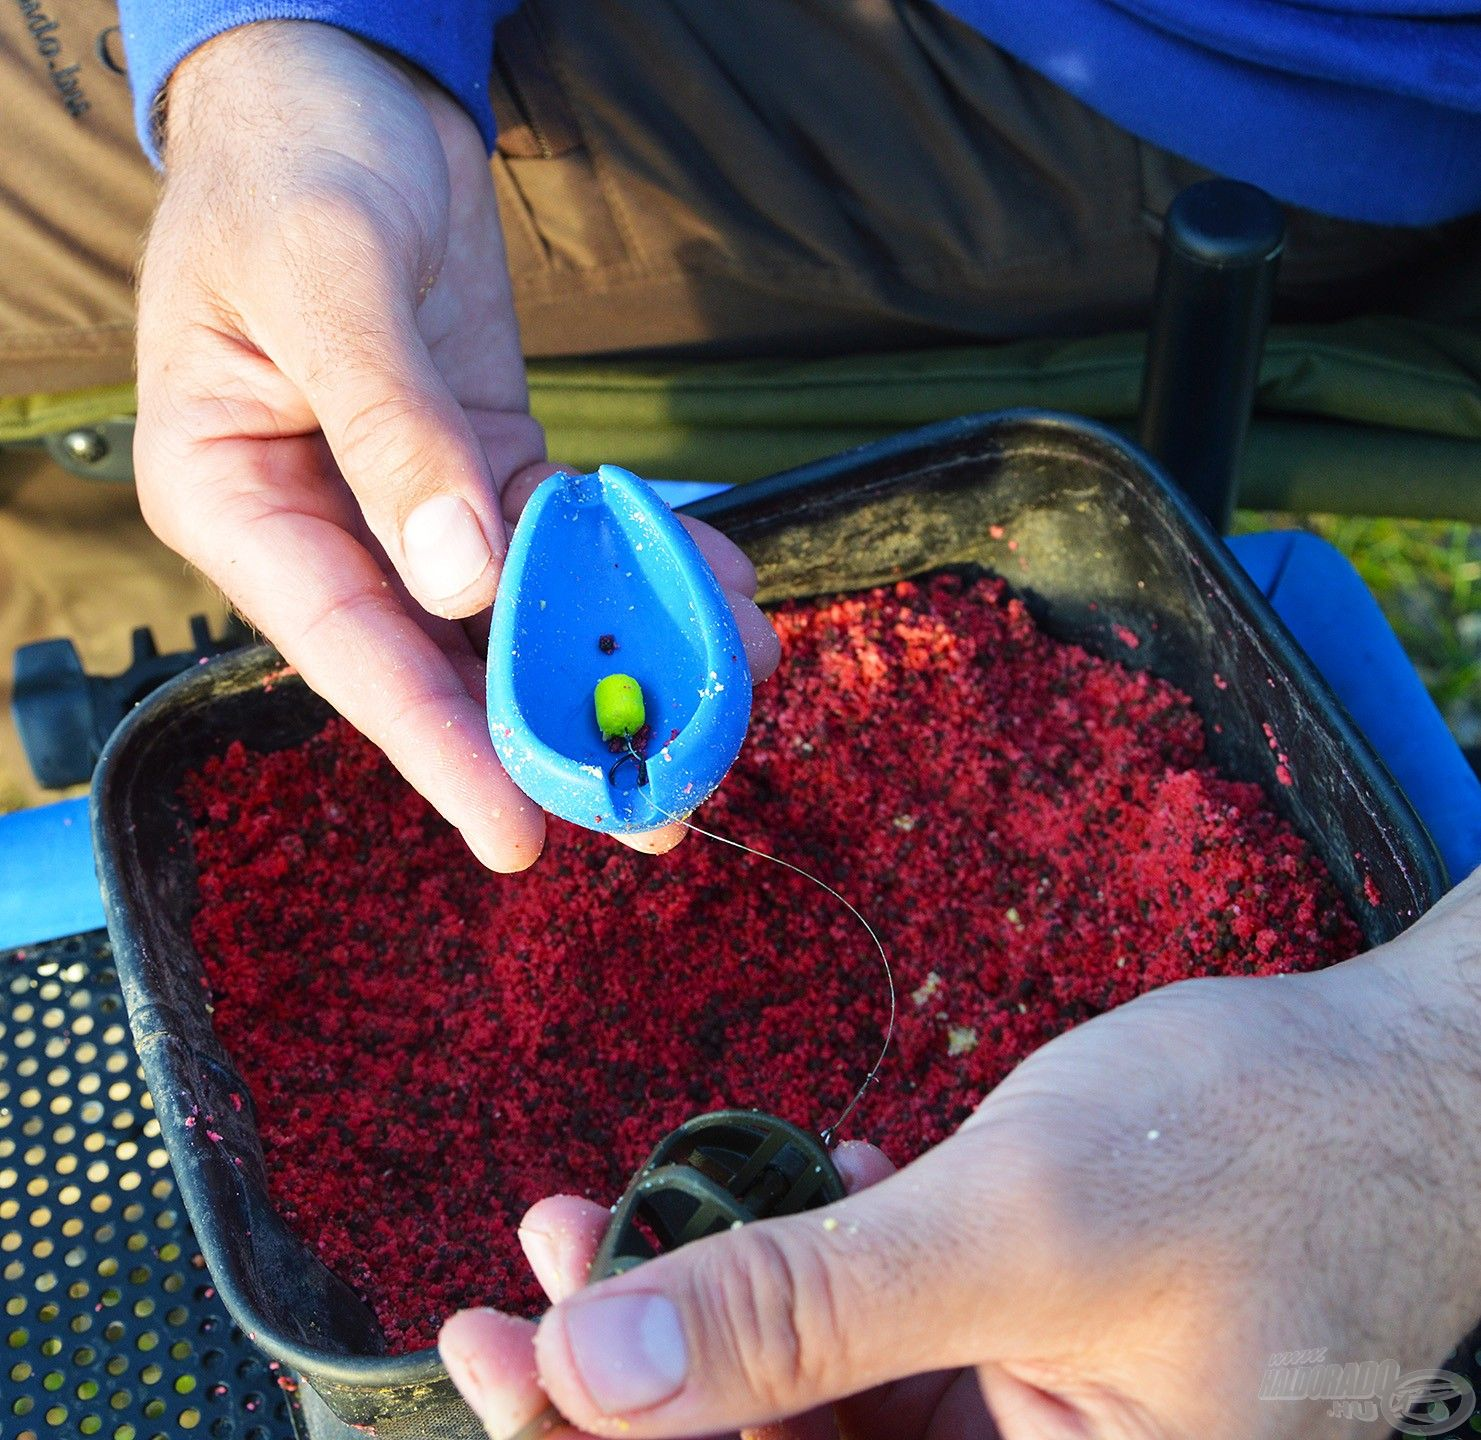 Amennyiben először a felcsalizott horgot tesszük a présbe és utána töltjük meg a kosarat, akkor a csali a gombóc tetejére kerül